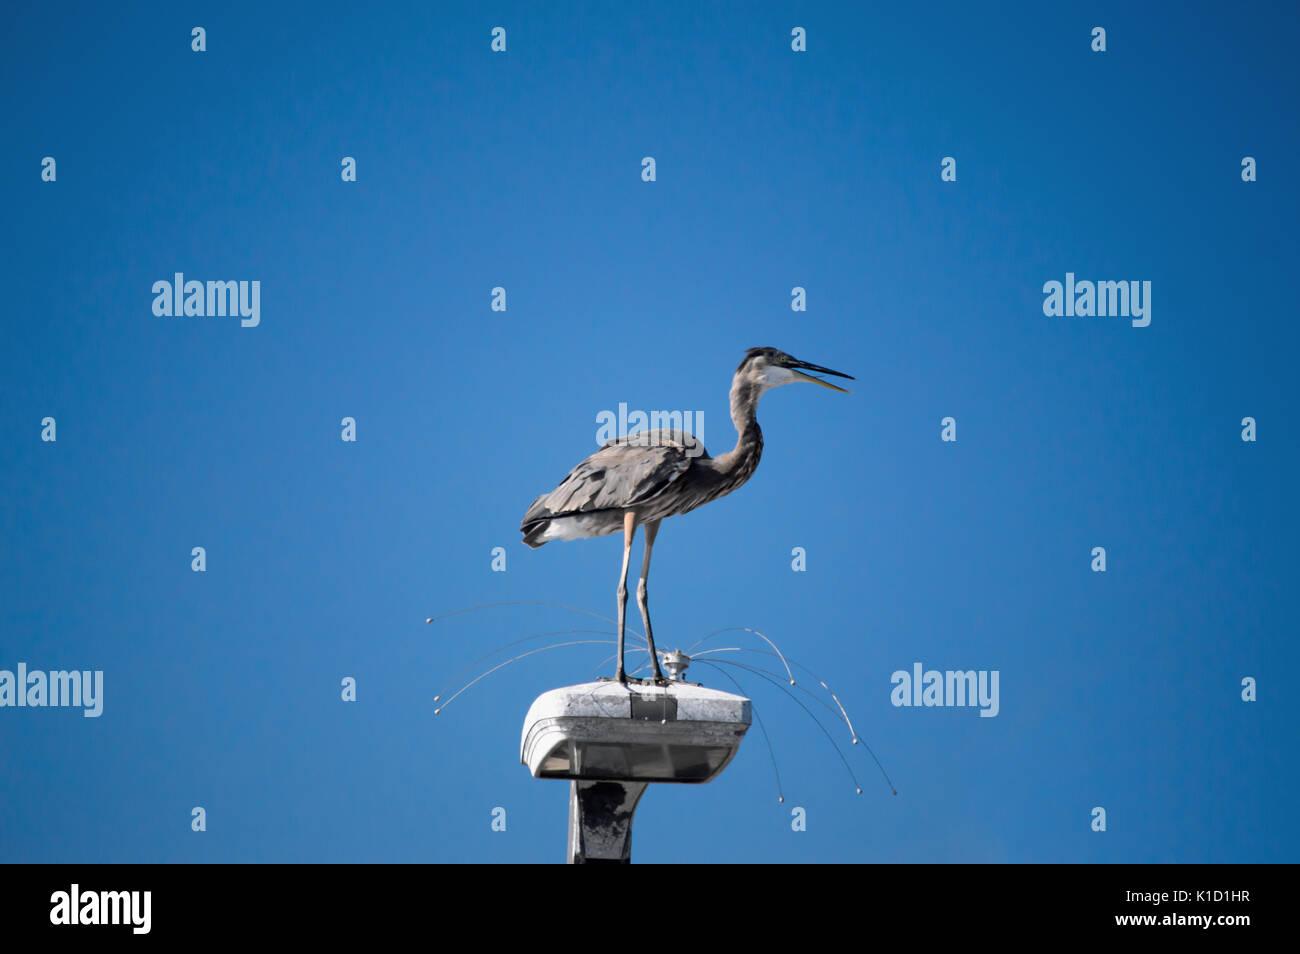 Un héron cendré perché sur un poteau de lumière avec le fil anti-oiseaux. Photo Stock